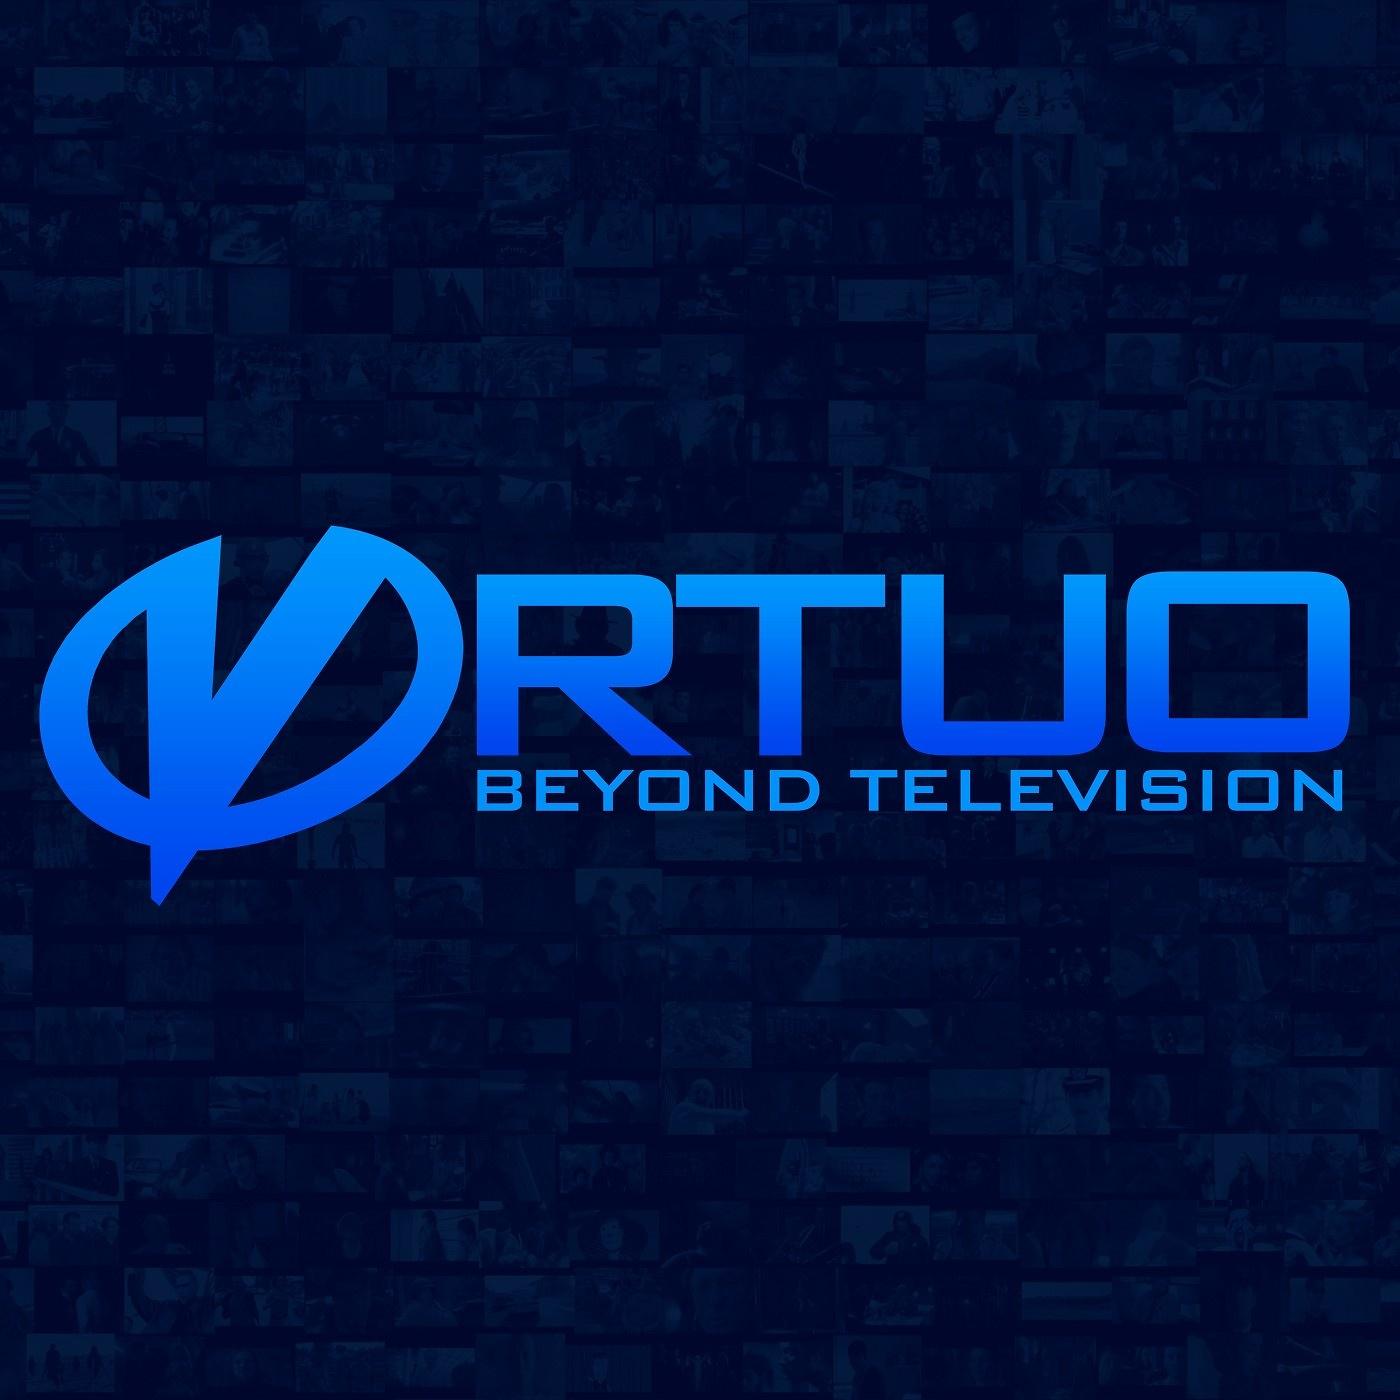 VRTUO NETWORK